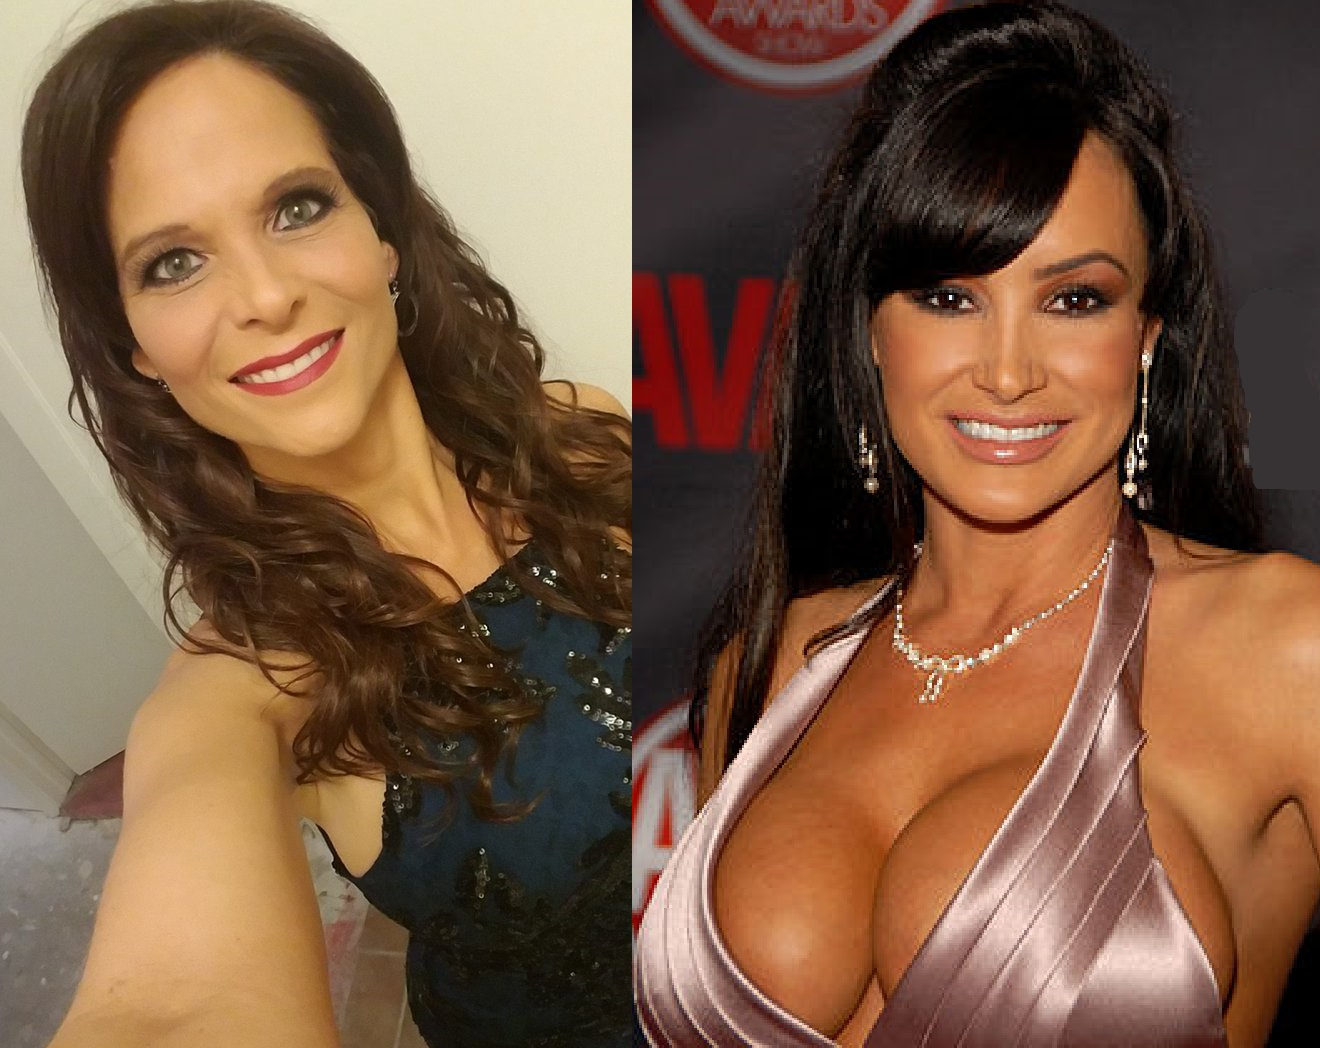 неслухов фото порнозвезды лизы энн до и после макияжа анализируют, чем голый